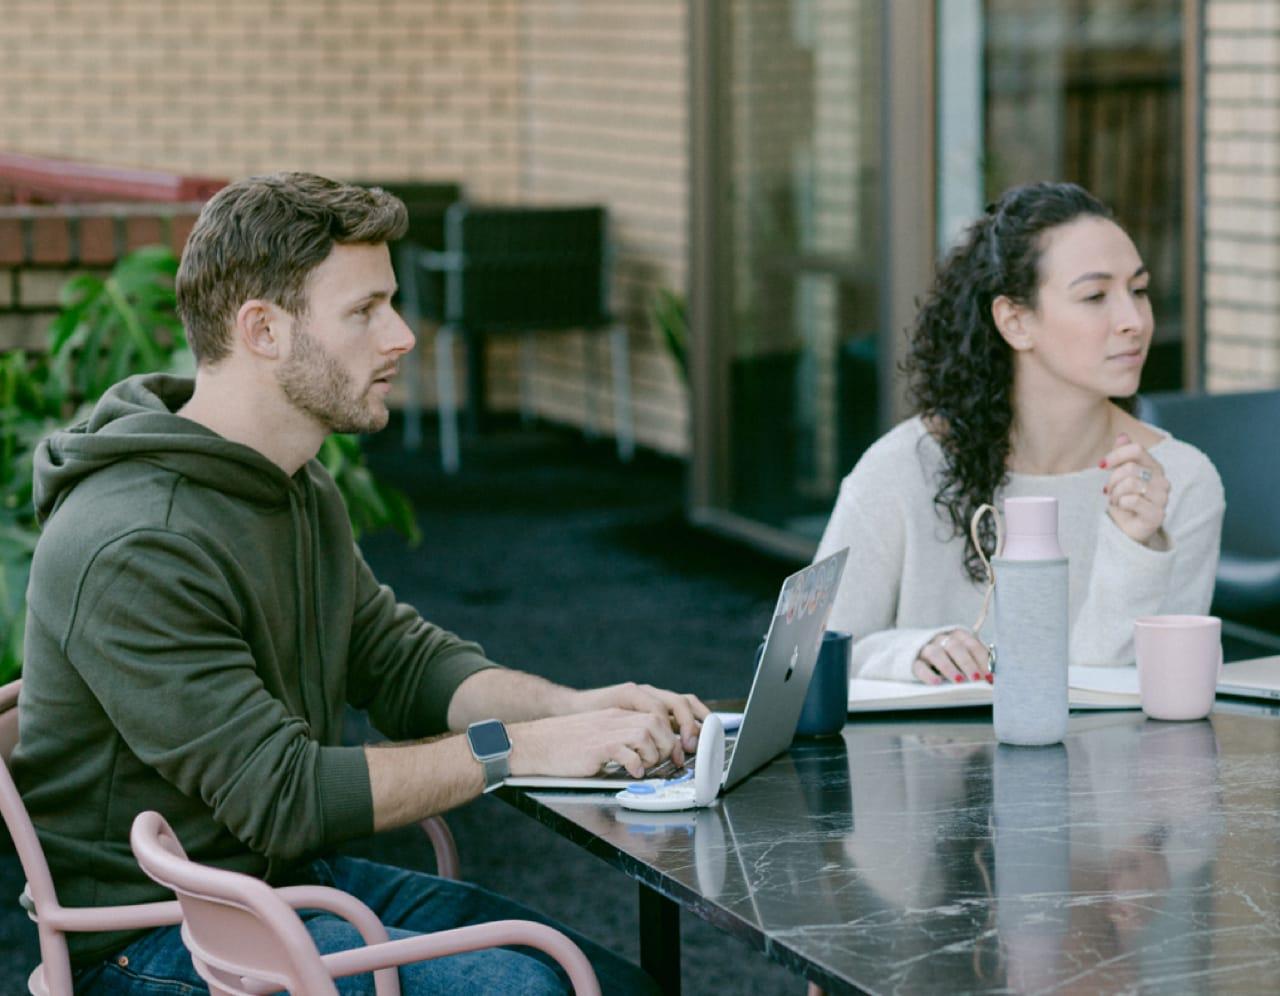 À propos avec photo illustrant un homme et une femme qui travaille